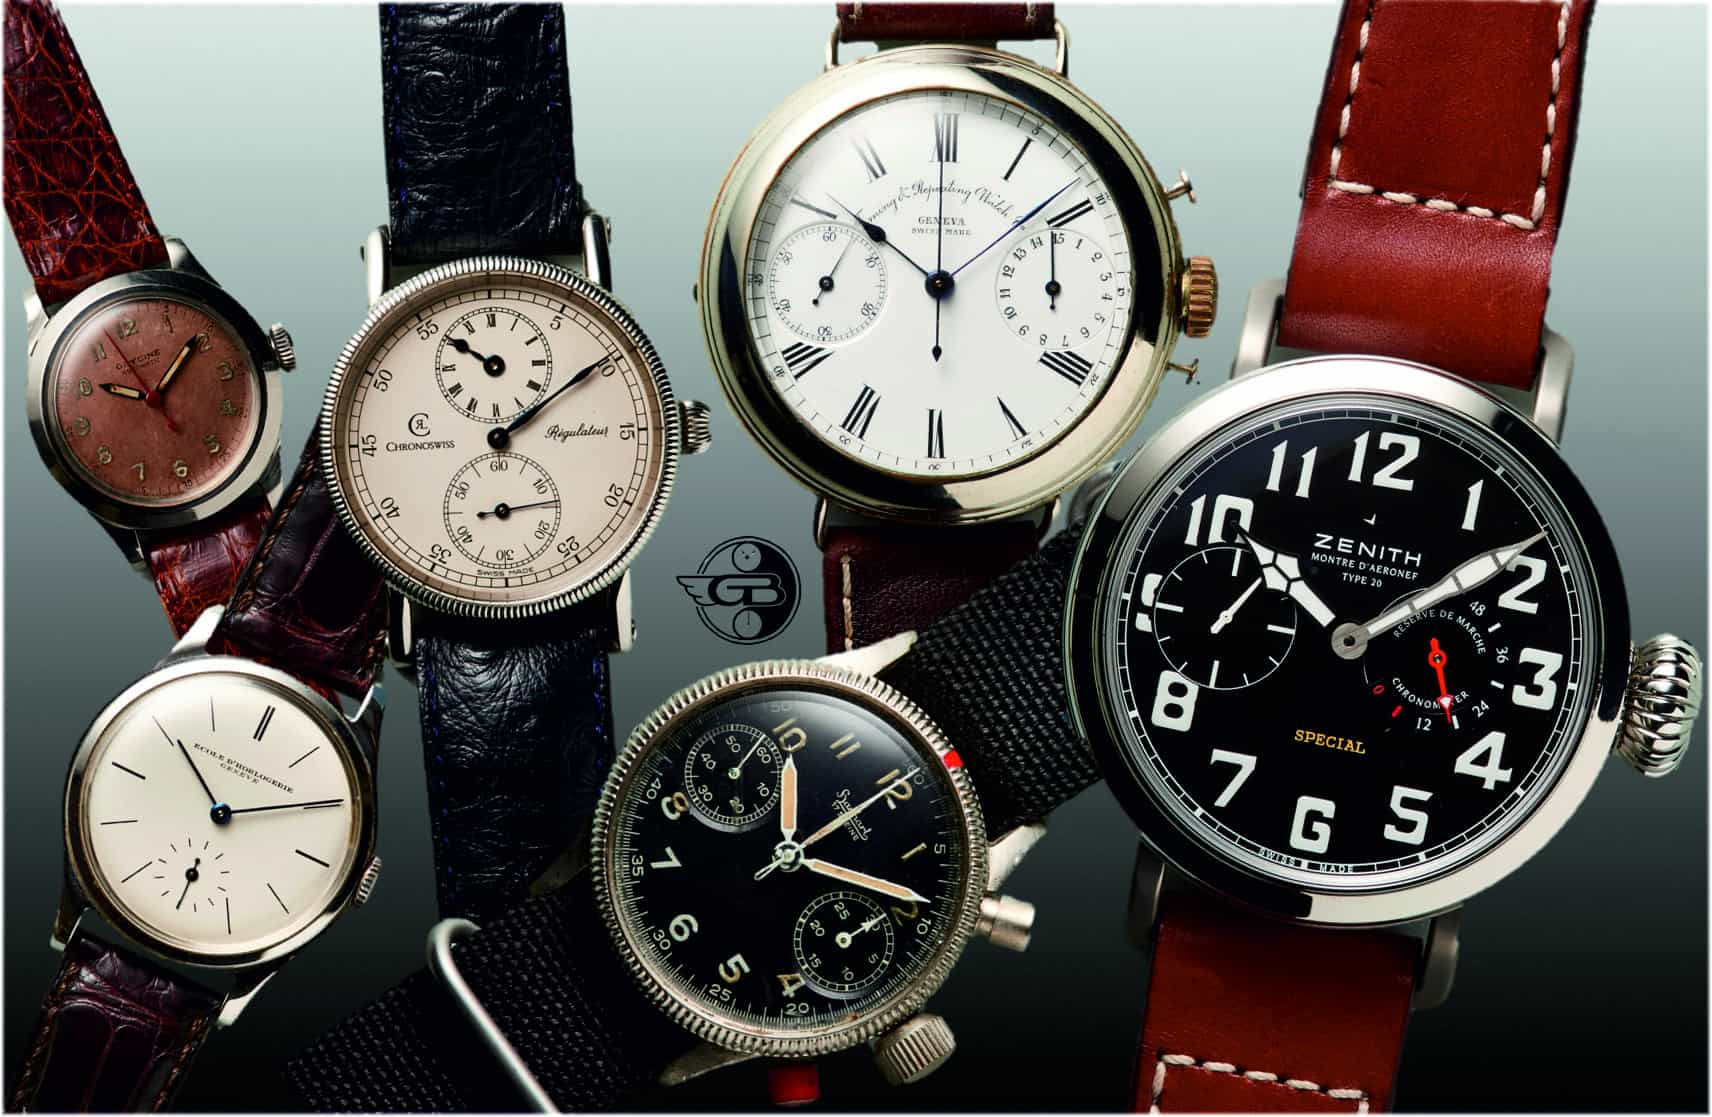 Größe und Durchmesser von ArmbanduhrenEine Frage der inneren Größe: Durchmesser von Armbanduhren im Laufe der Zeit